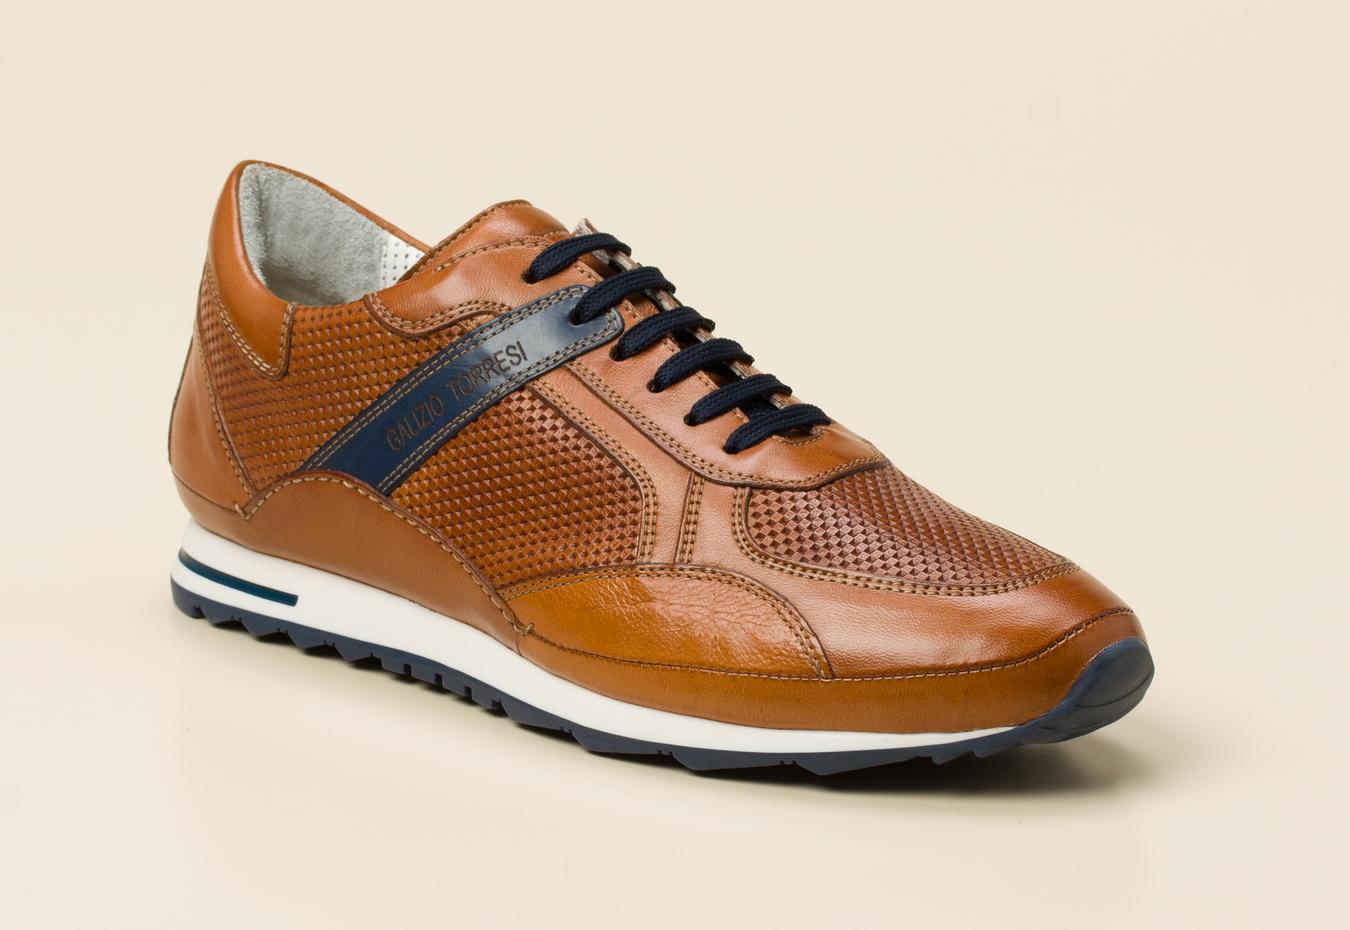 a271b81f56bc0e Galizio Torresi Herren Sneaker in cognac kaufen